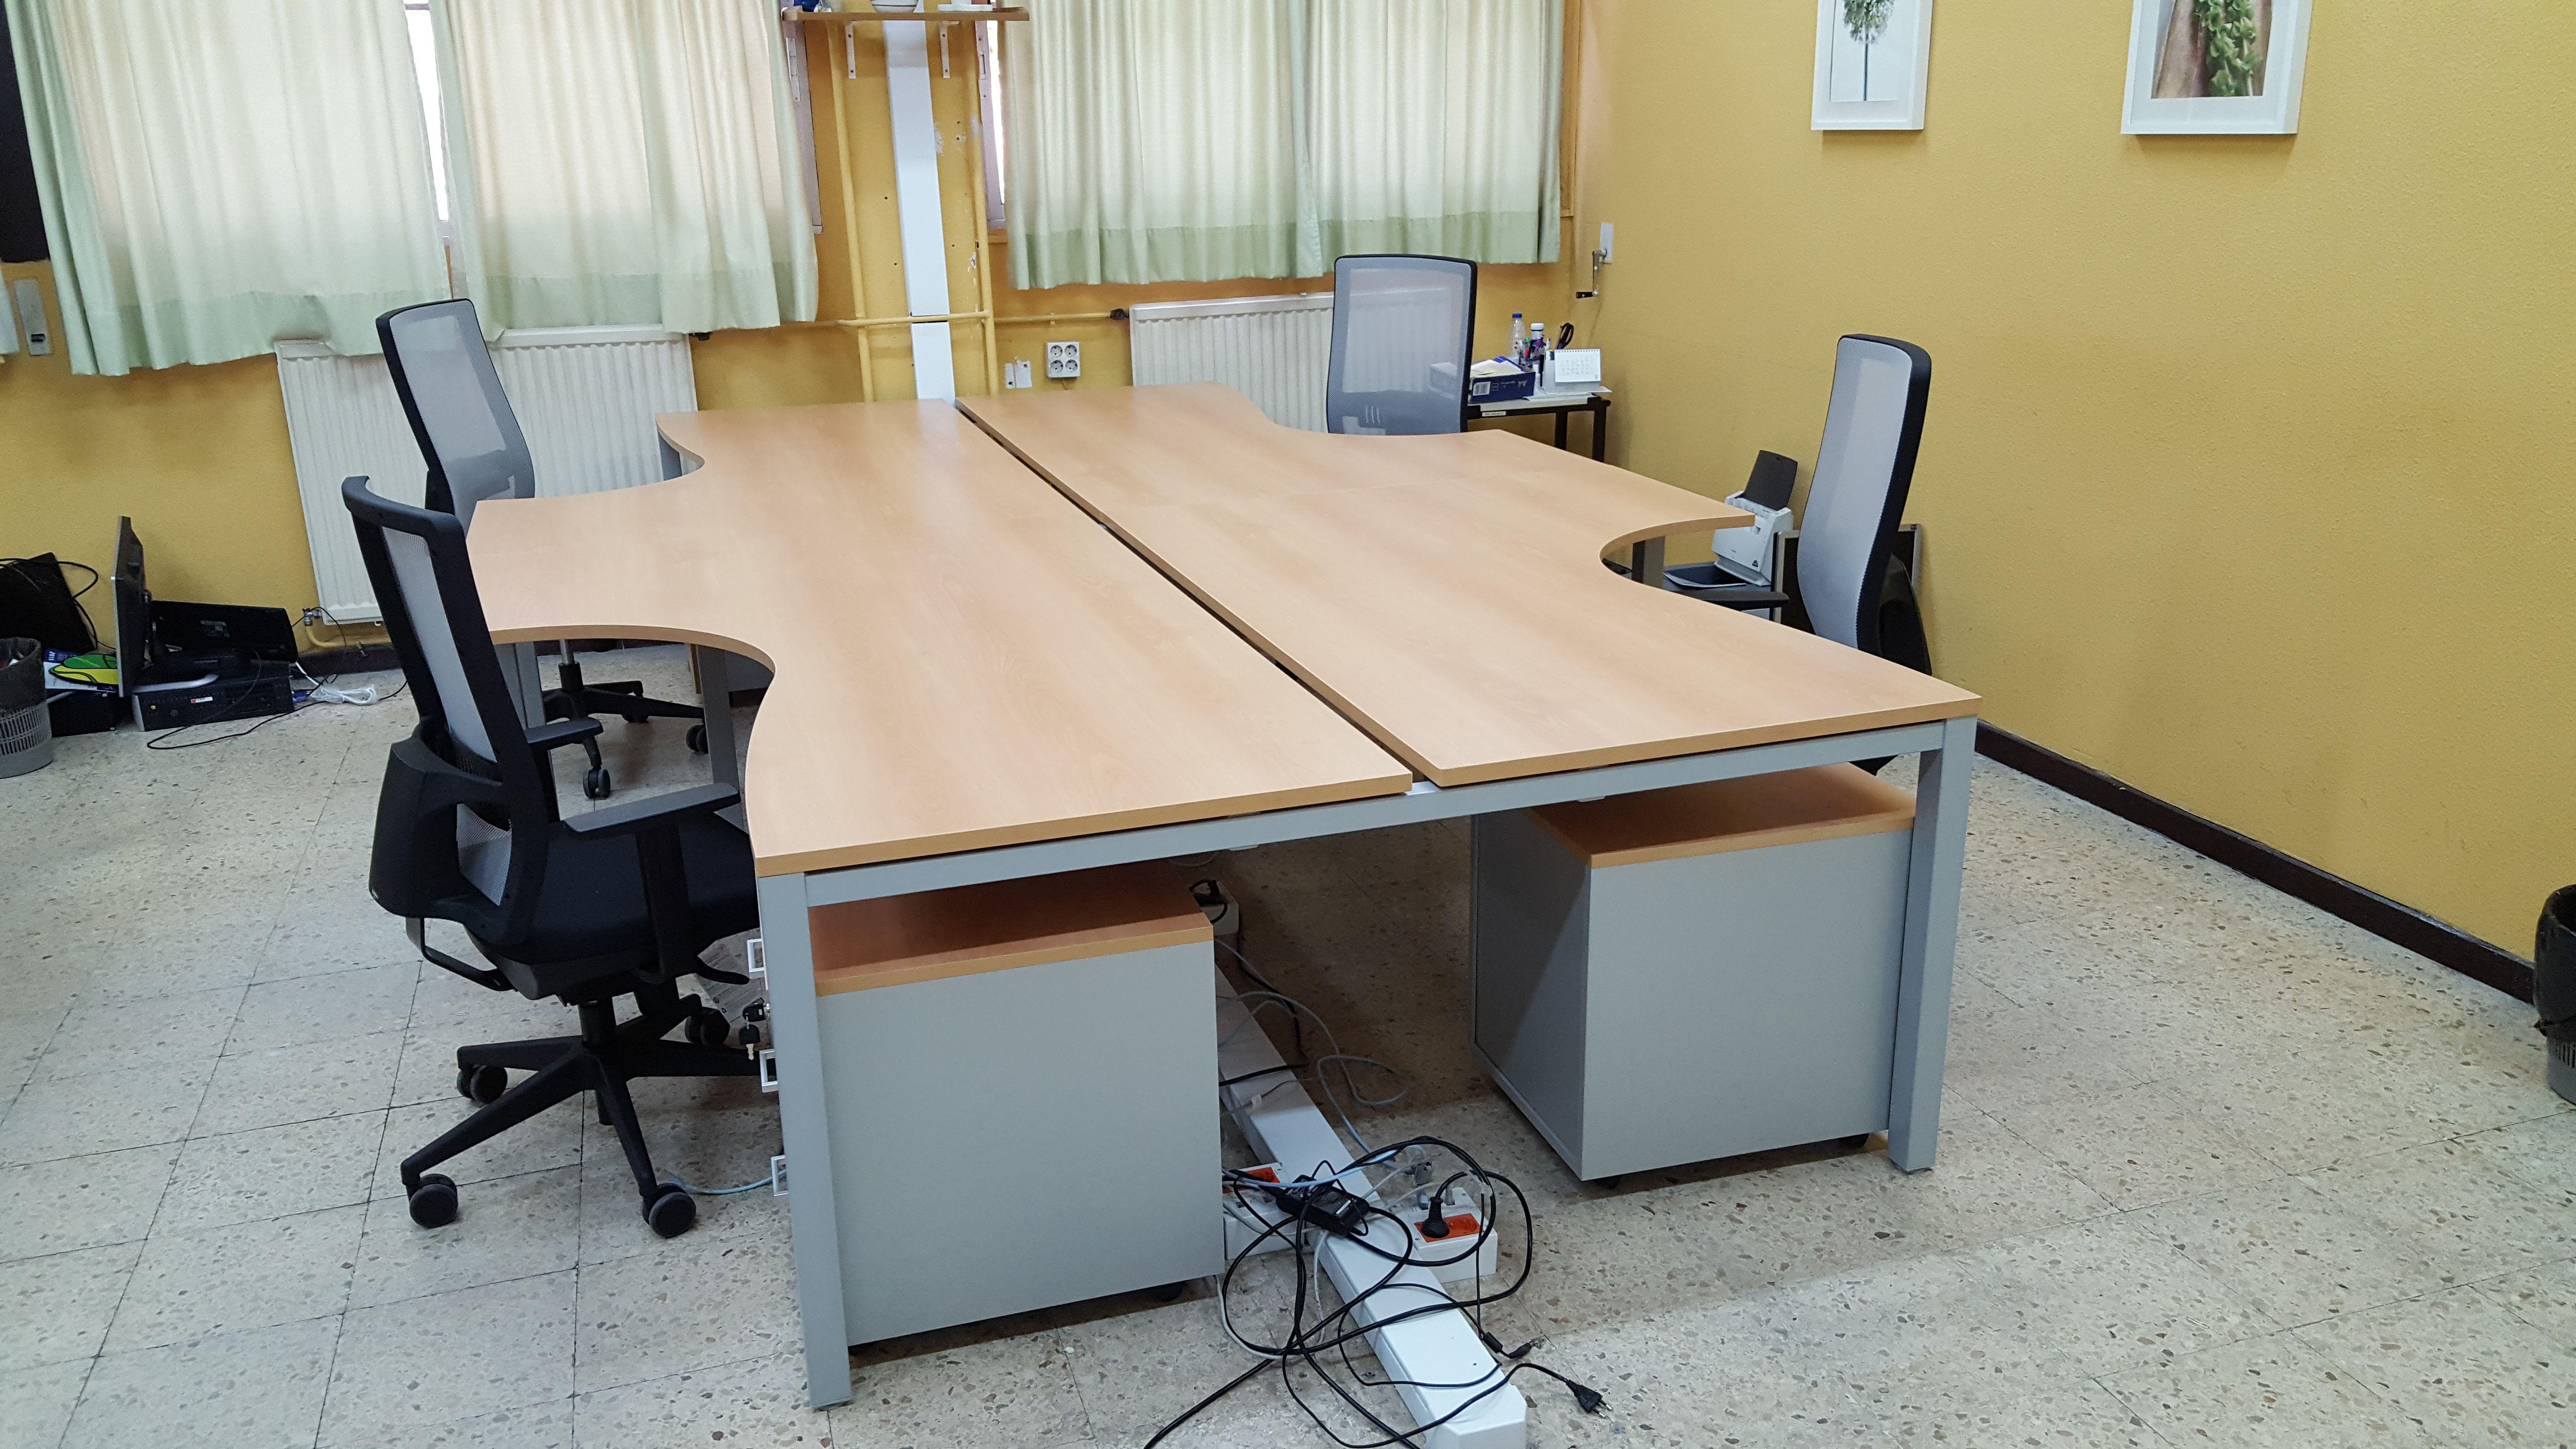 Mobiliario para oficinas y centros de enseñanza en Madrid